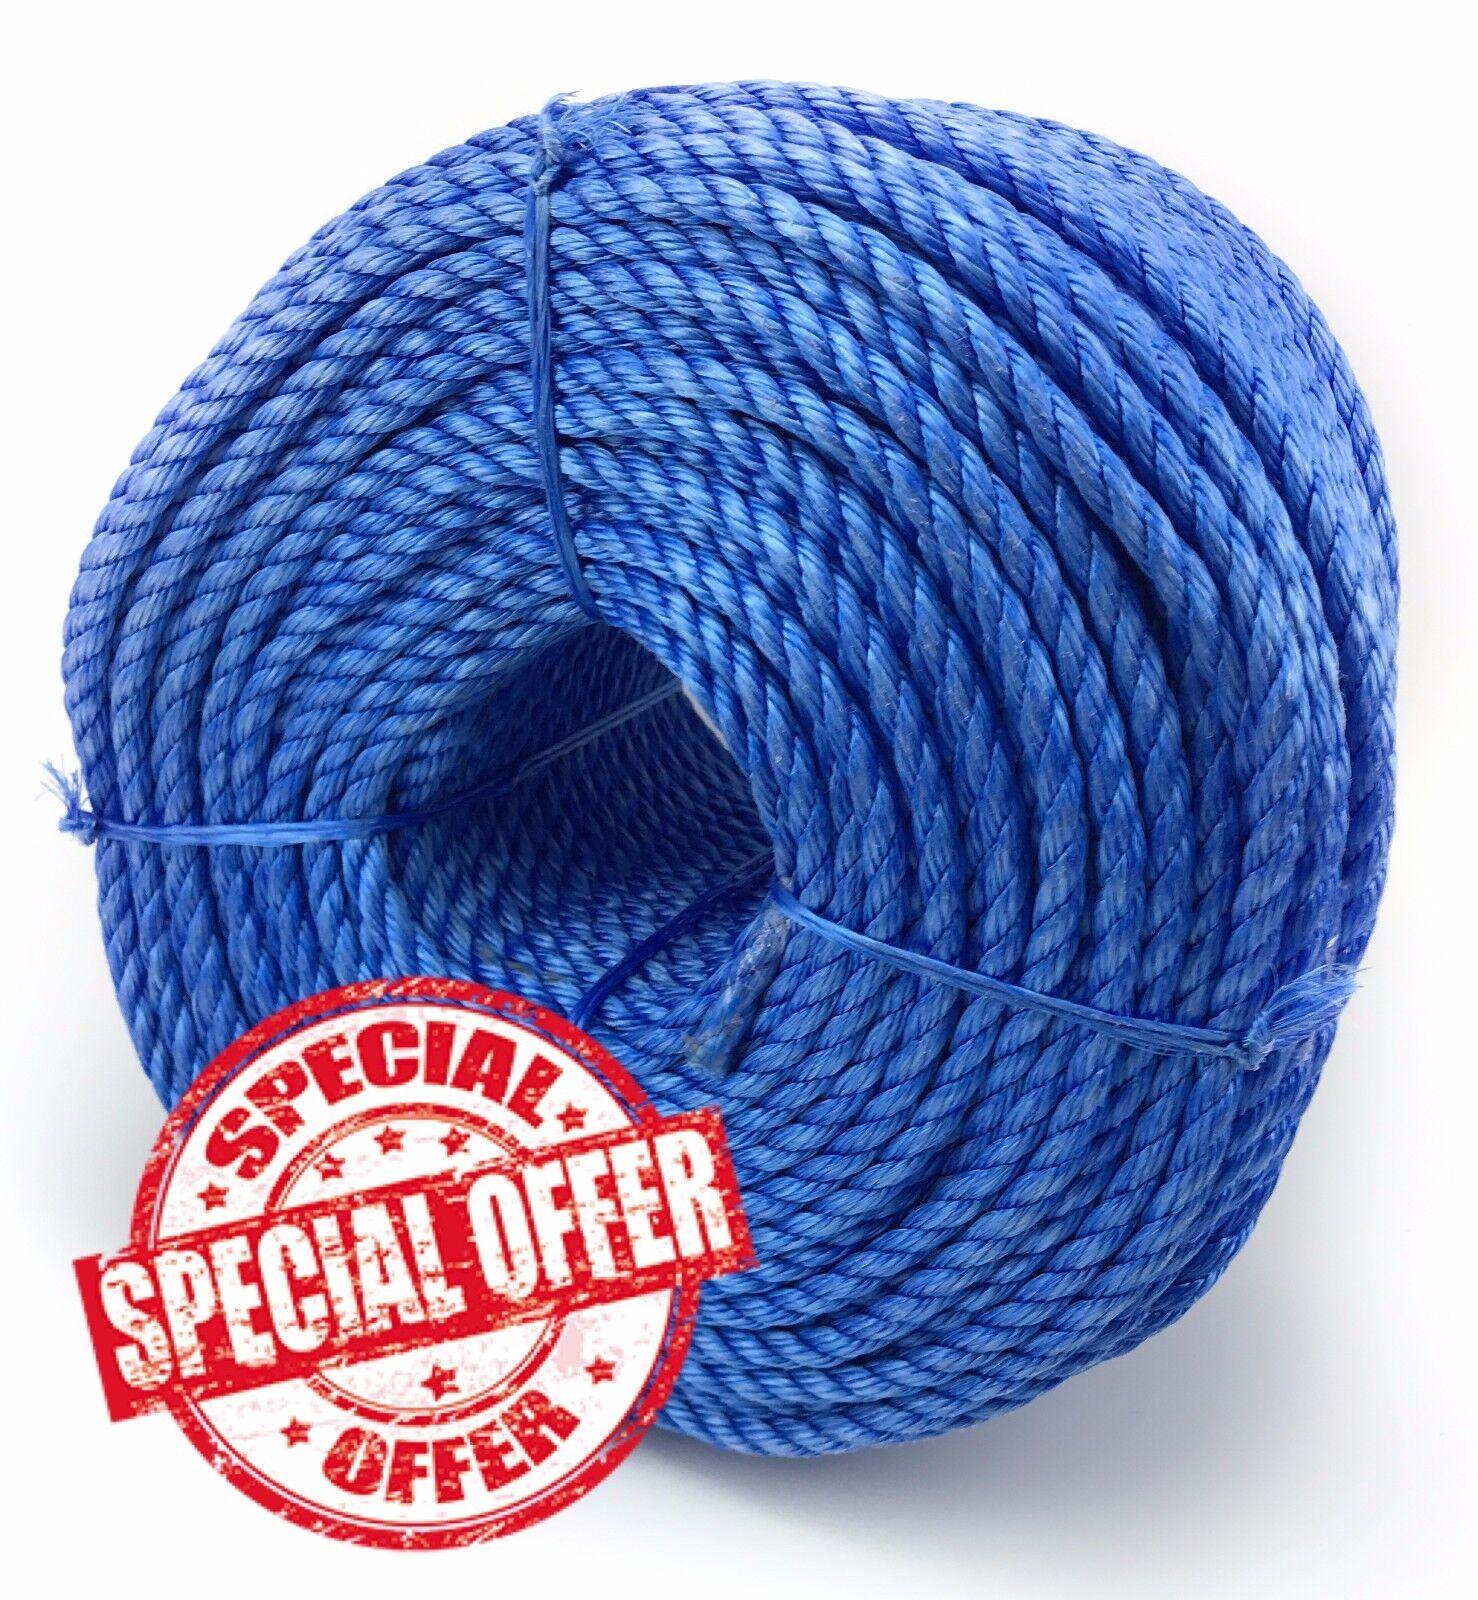 20mm azul polipropileno cuerda x 100 metros,polipropileno espirales,barato DE